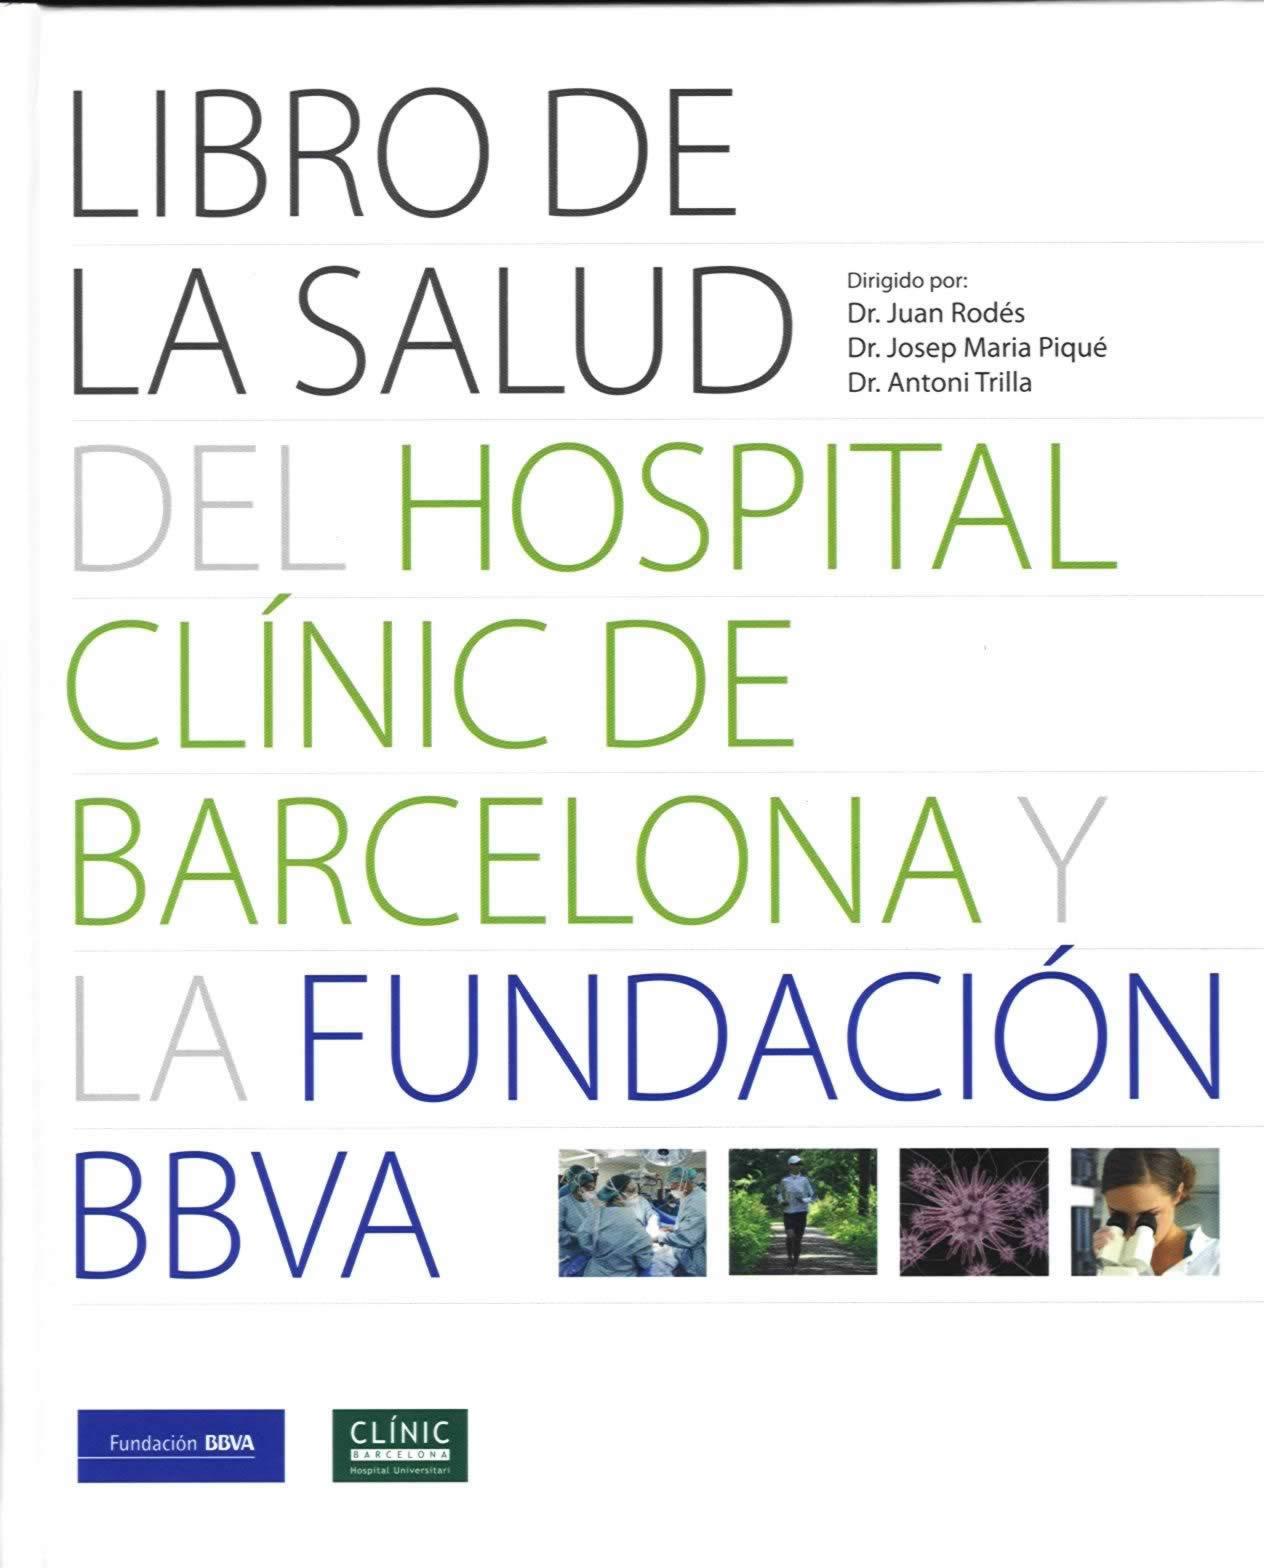 Libro de La Salud del Hospital Clínic de Barcelona y la Fundación BBVA.